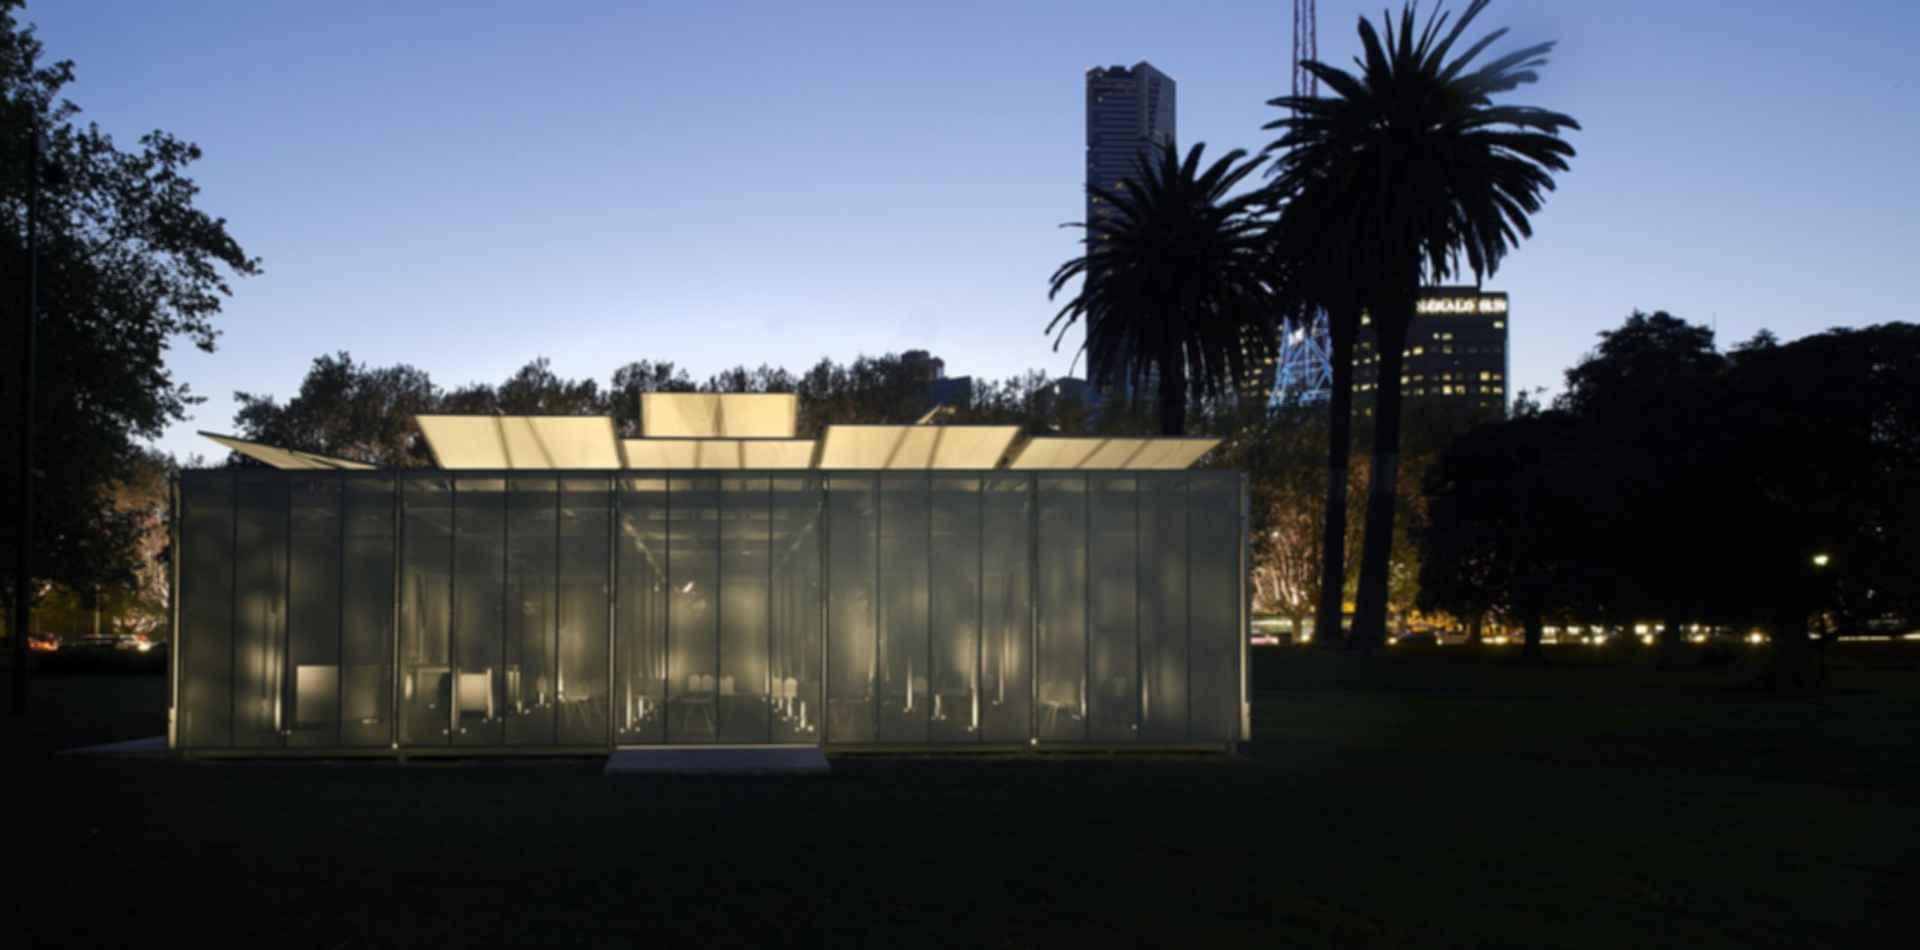 MPavilion - Landscape/Pavilion